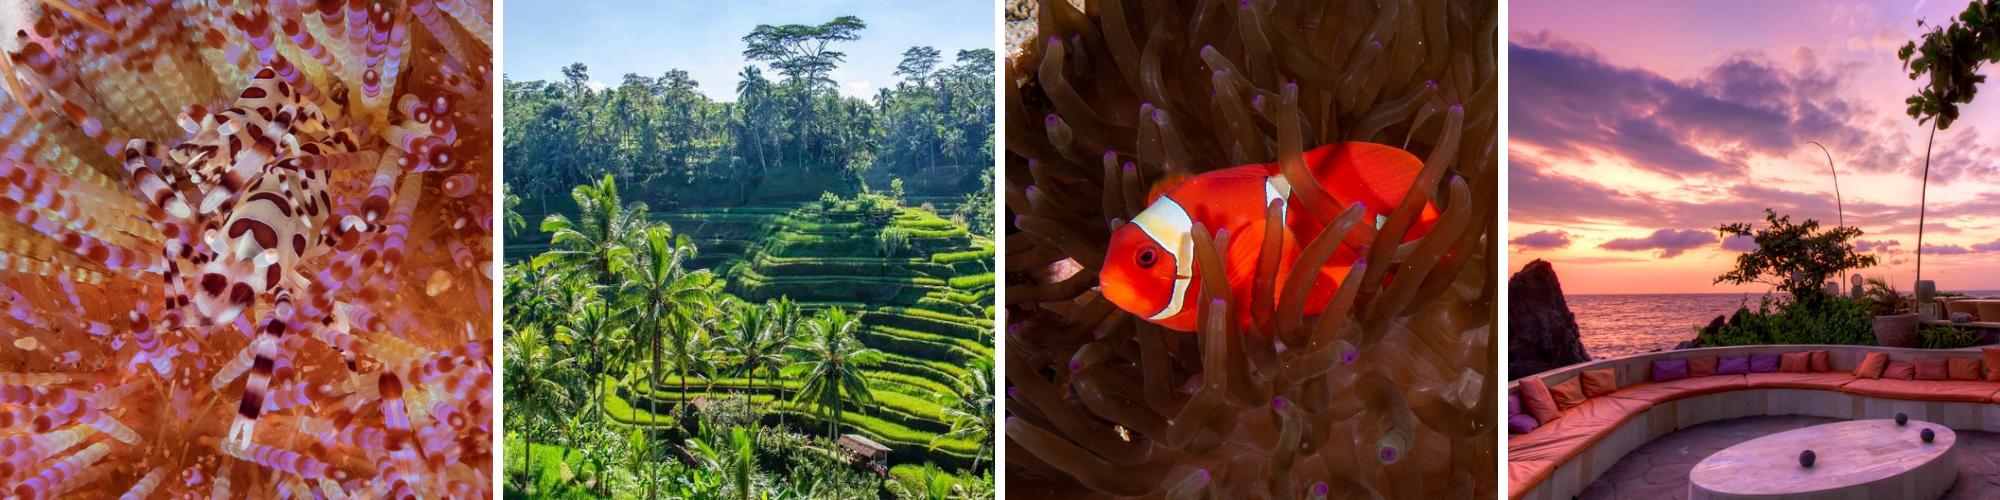 Bali Underwater